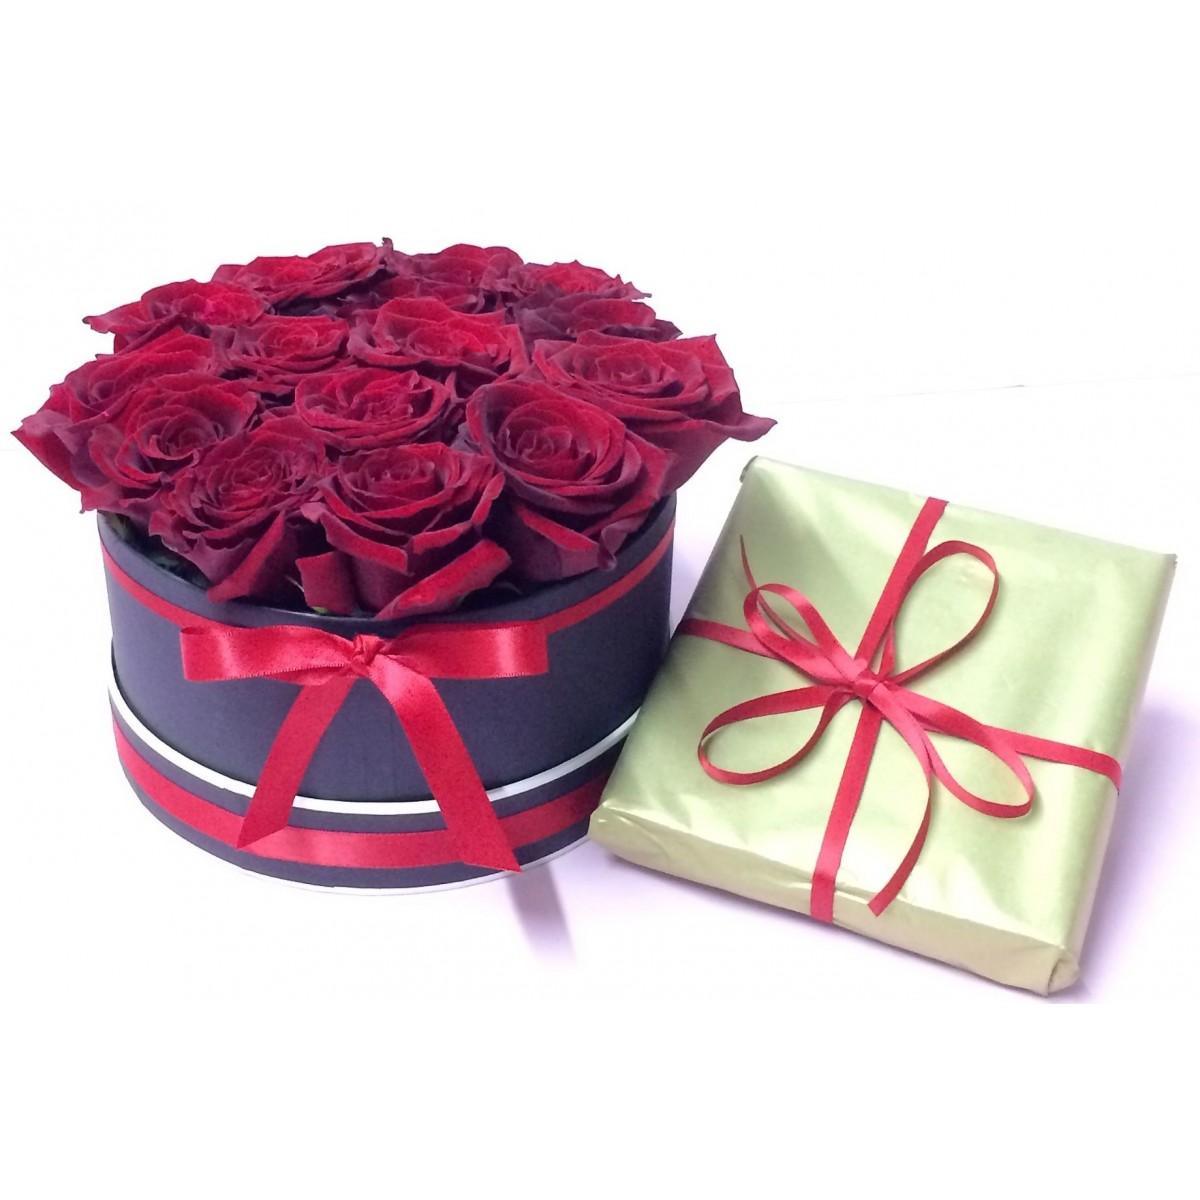 Сладка Валентинка 2 - 15 рози от сапун и белгийски шоколади